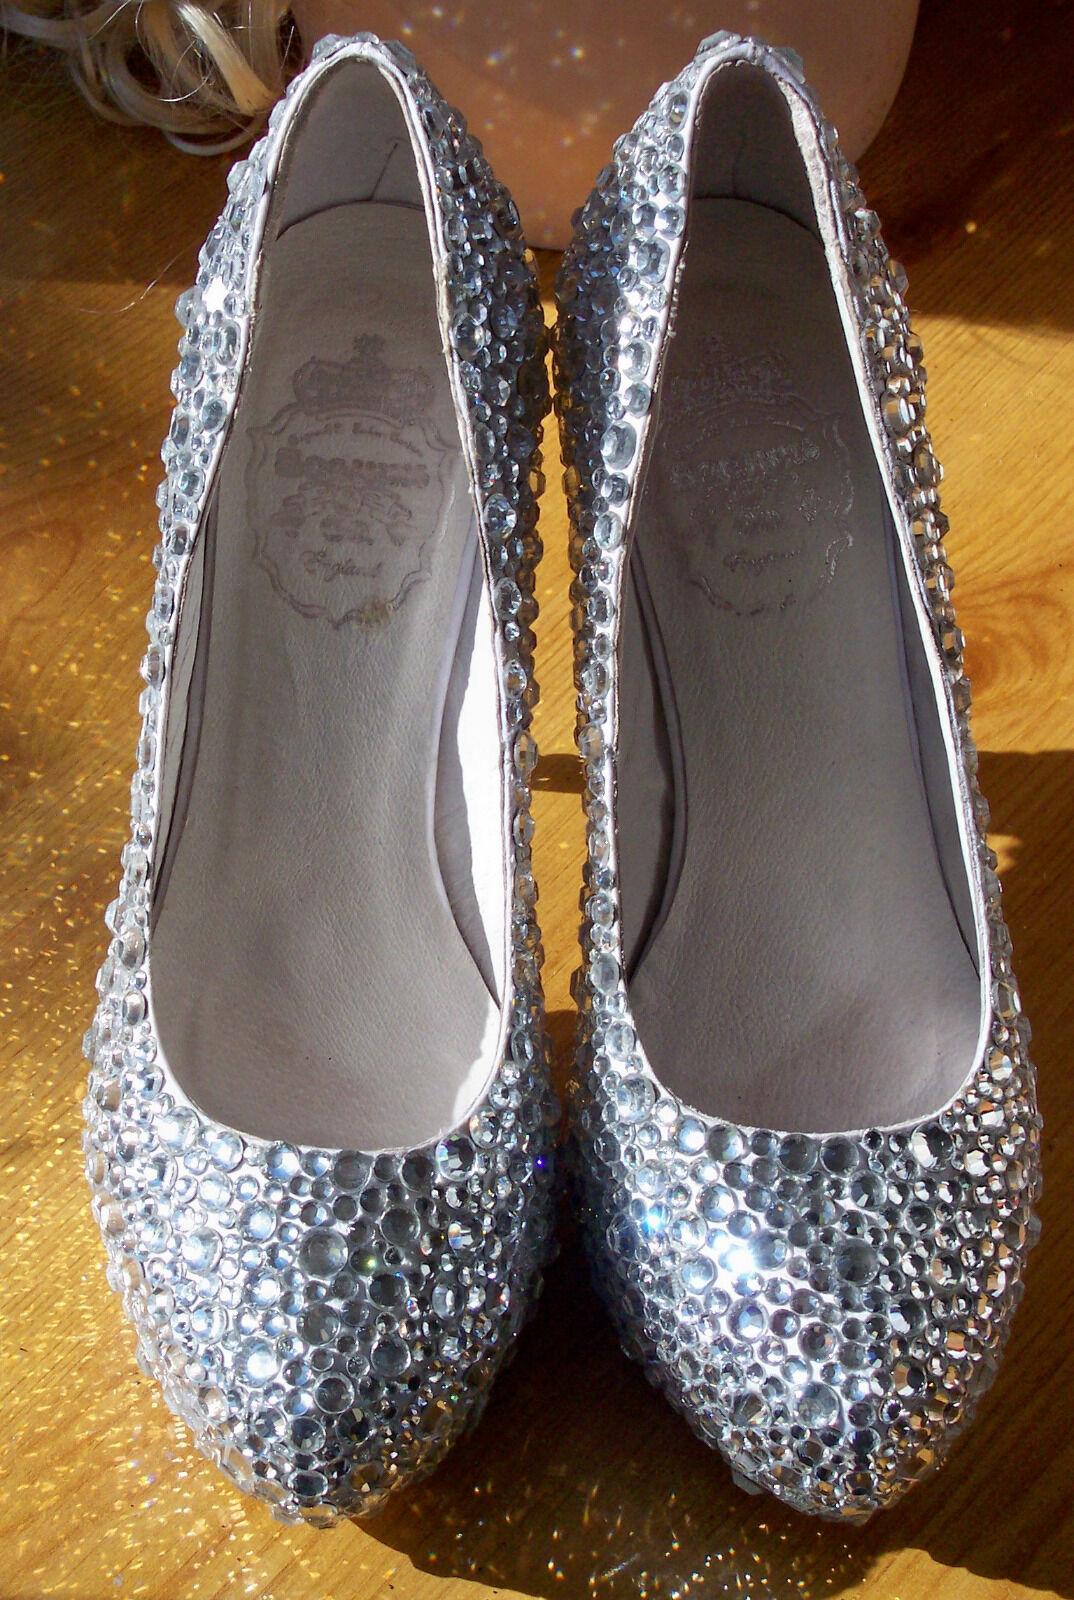 Scarpe eleganti cristallo di diamante-misure (38) LEGGERE INSERZIONE!!!